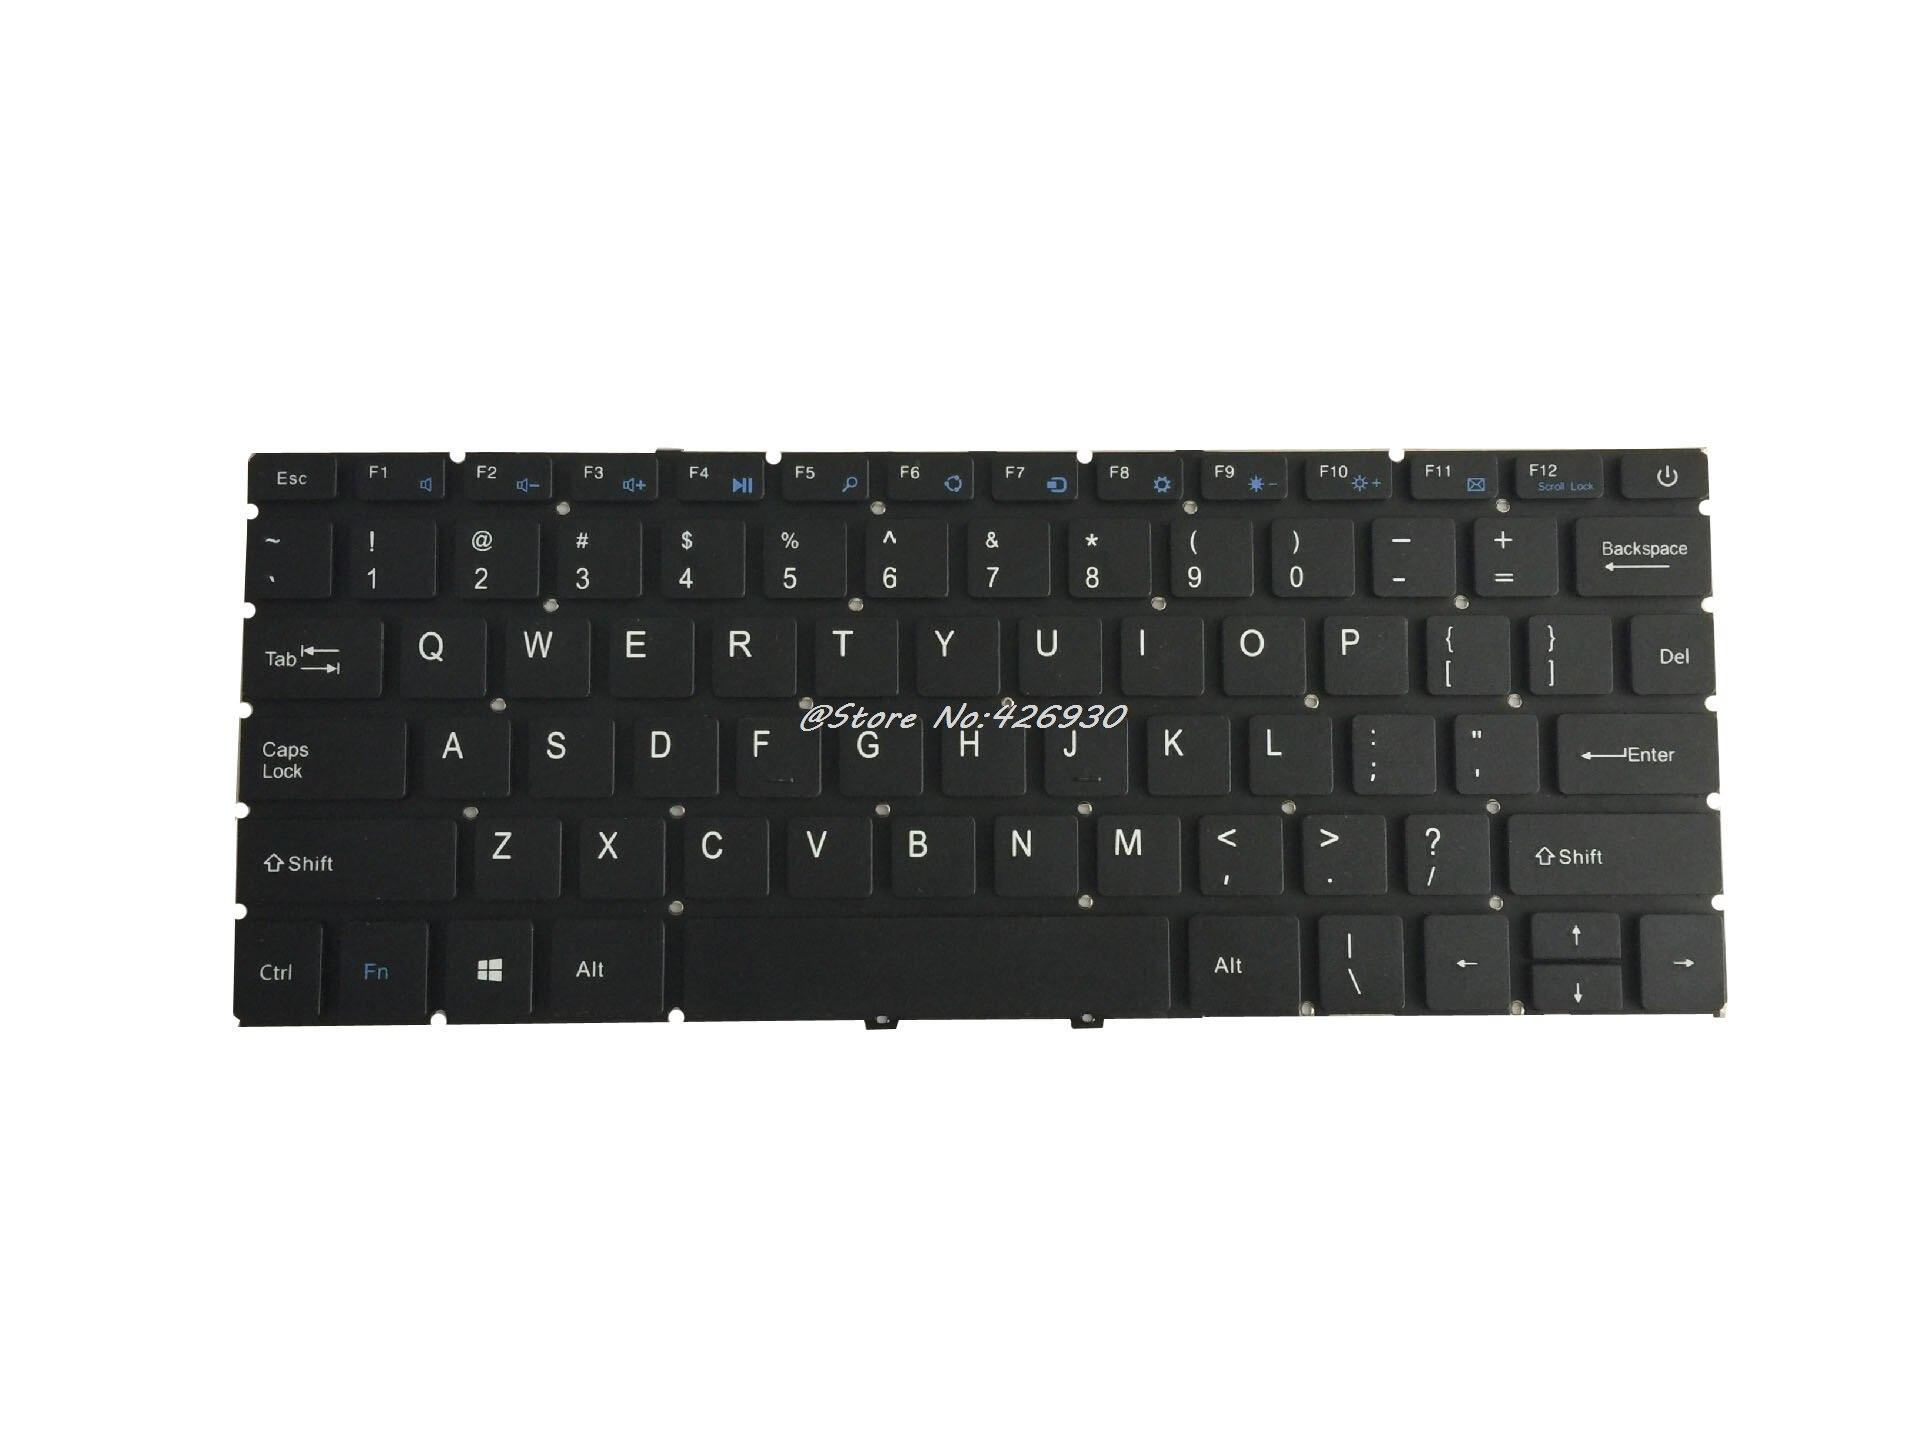 100% QualitäT Laptop Tastatur Für Jumper Ezbook 3 Pro Lb10 Englisch Us Schwarz Ohne Rahmen Ver1 (alte Version) /ver2 (neue Version) Farben Sind AuffäLlig